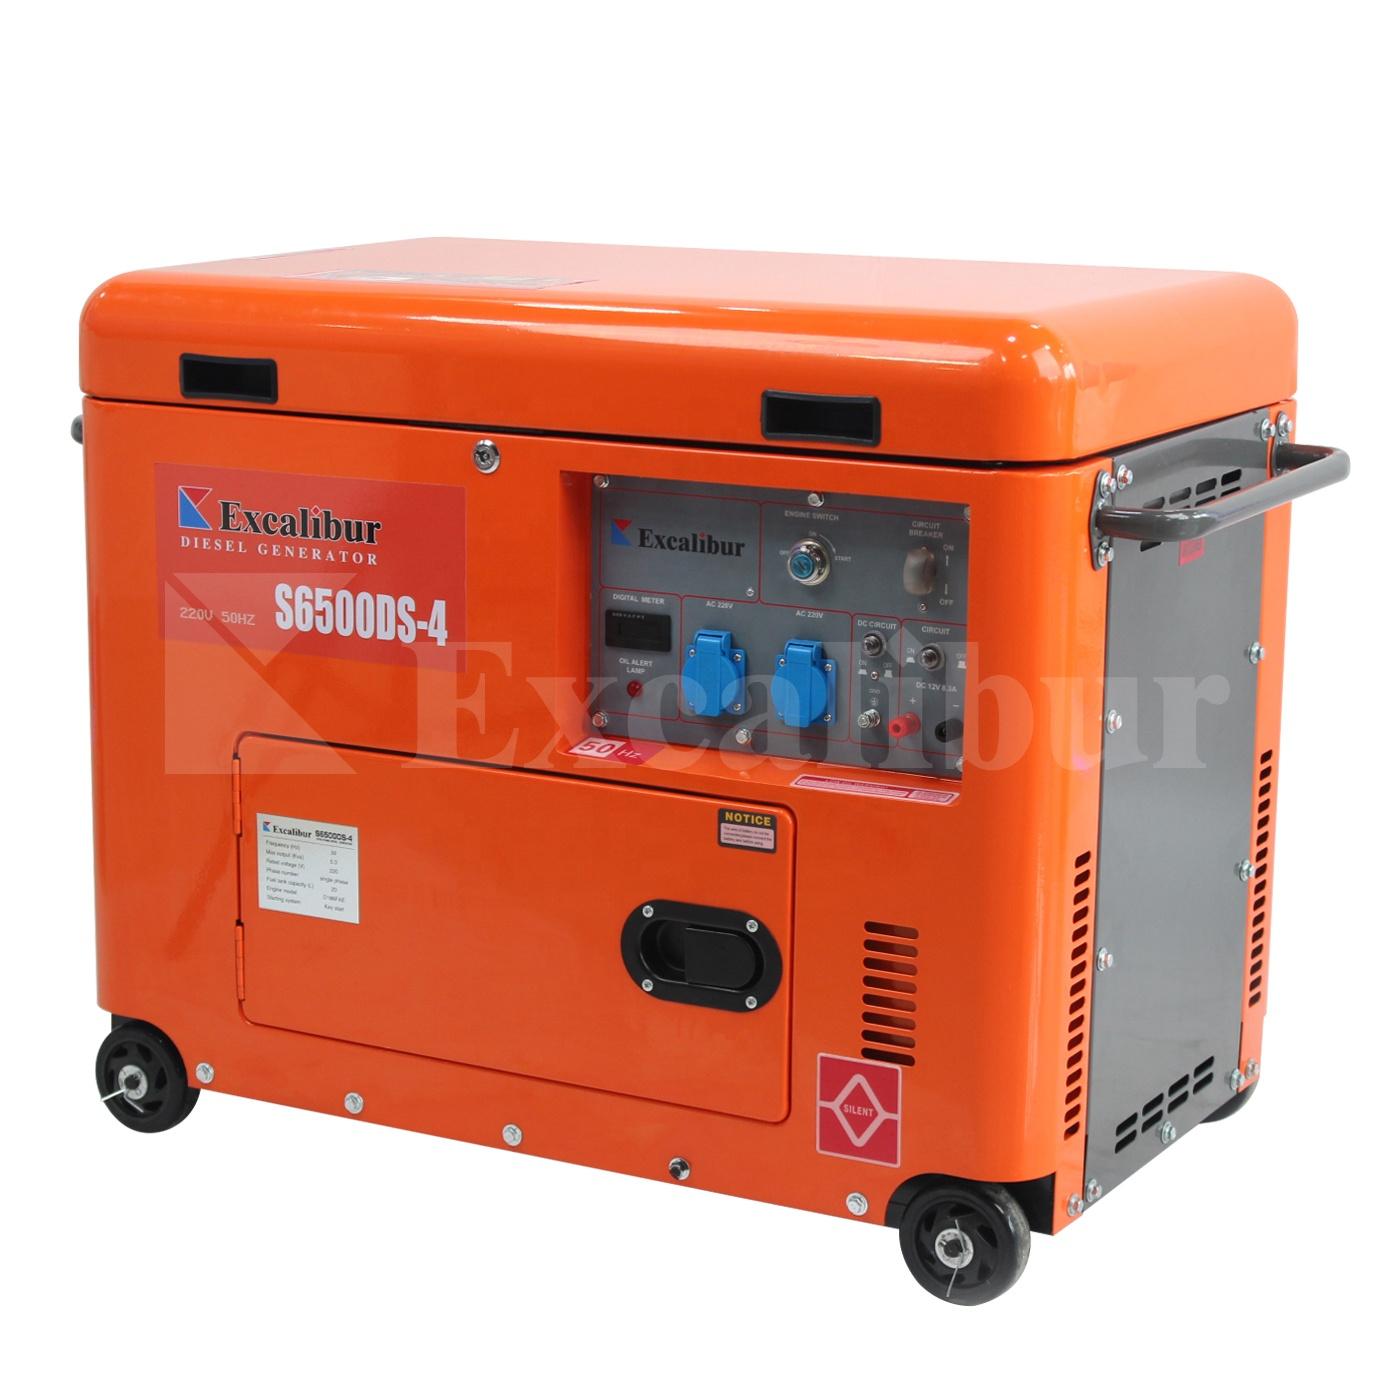 Excalibur silent diesel generator 6.5kva diesel generator home portable generator silent